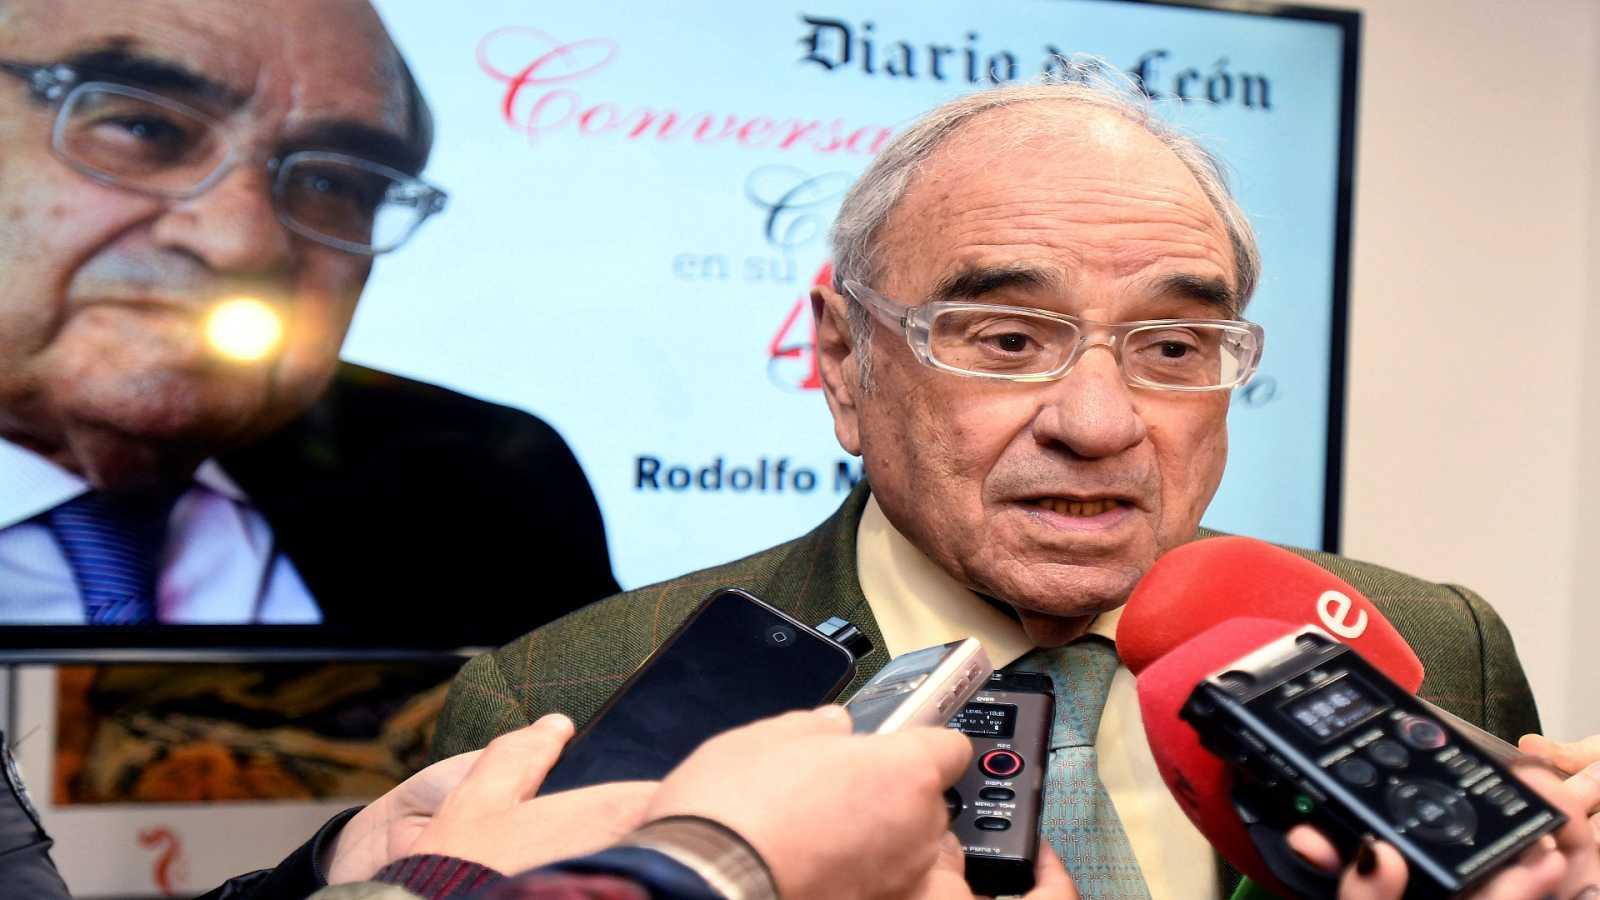 La entrevista de Radio 5 - Rodolfo Martín Villa - 23/02/21 - Escuchar ahora